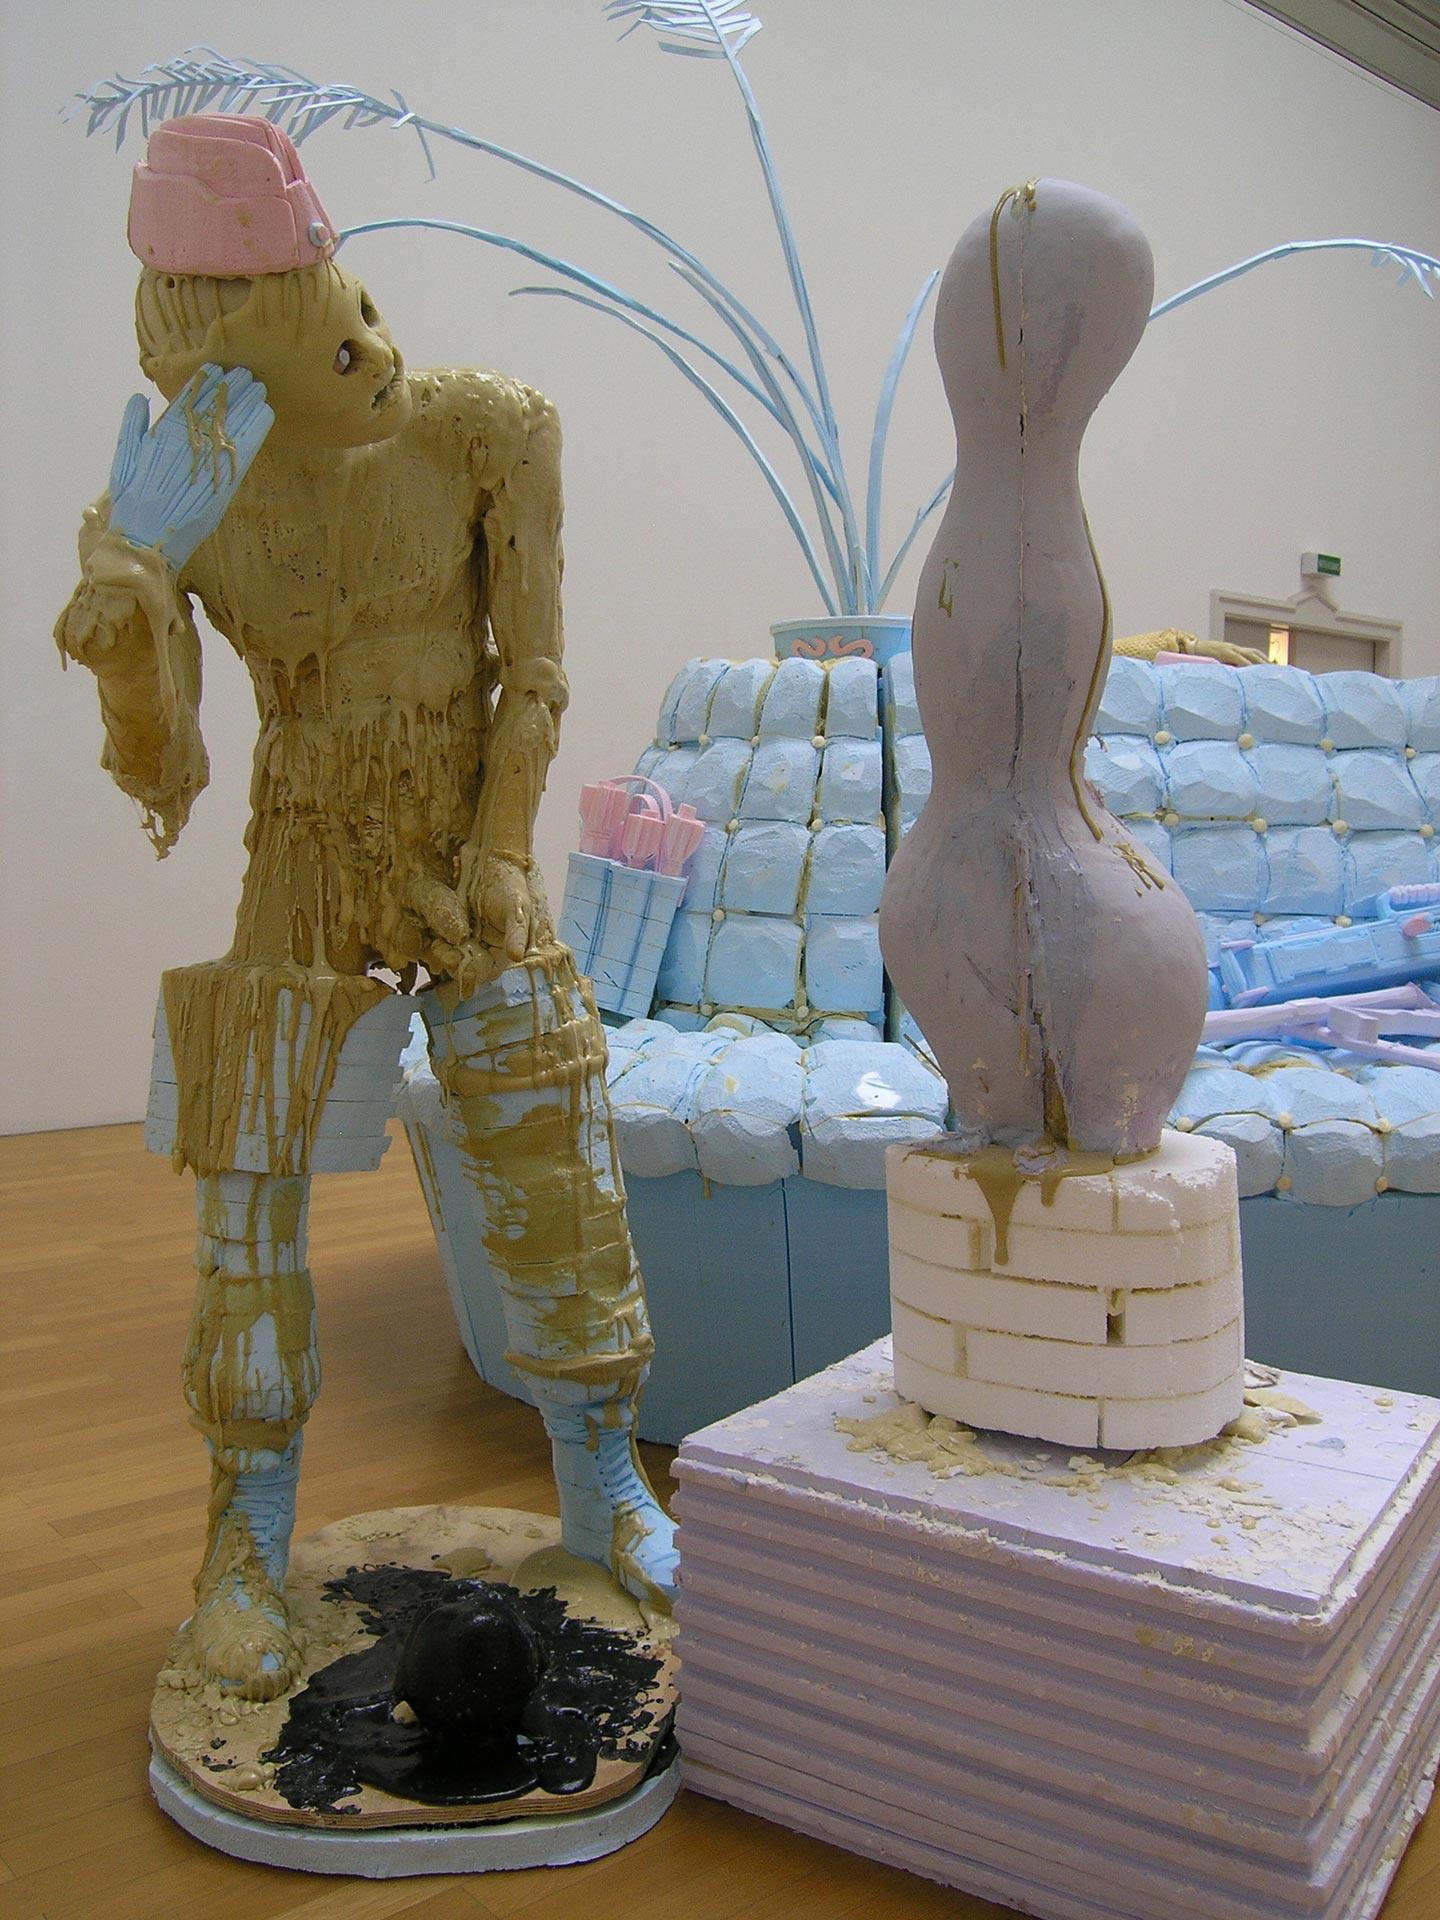 Folkert-de-Jong-Kunsthalle-Winterthur-2006-1.jpg